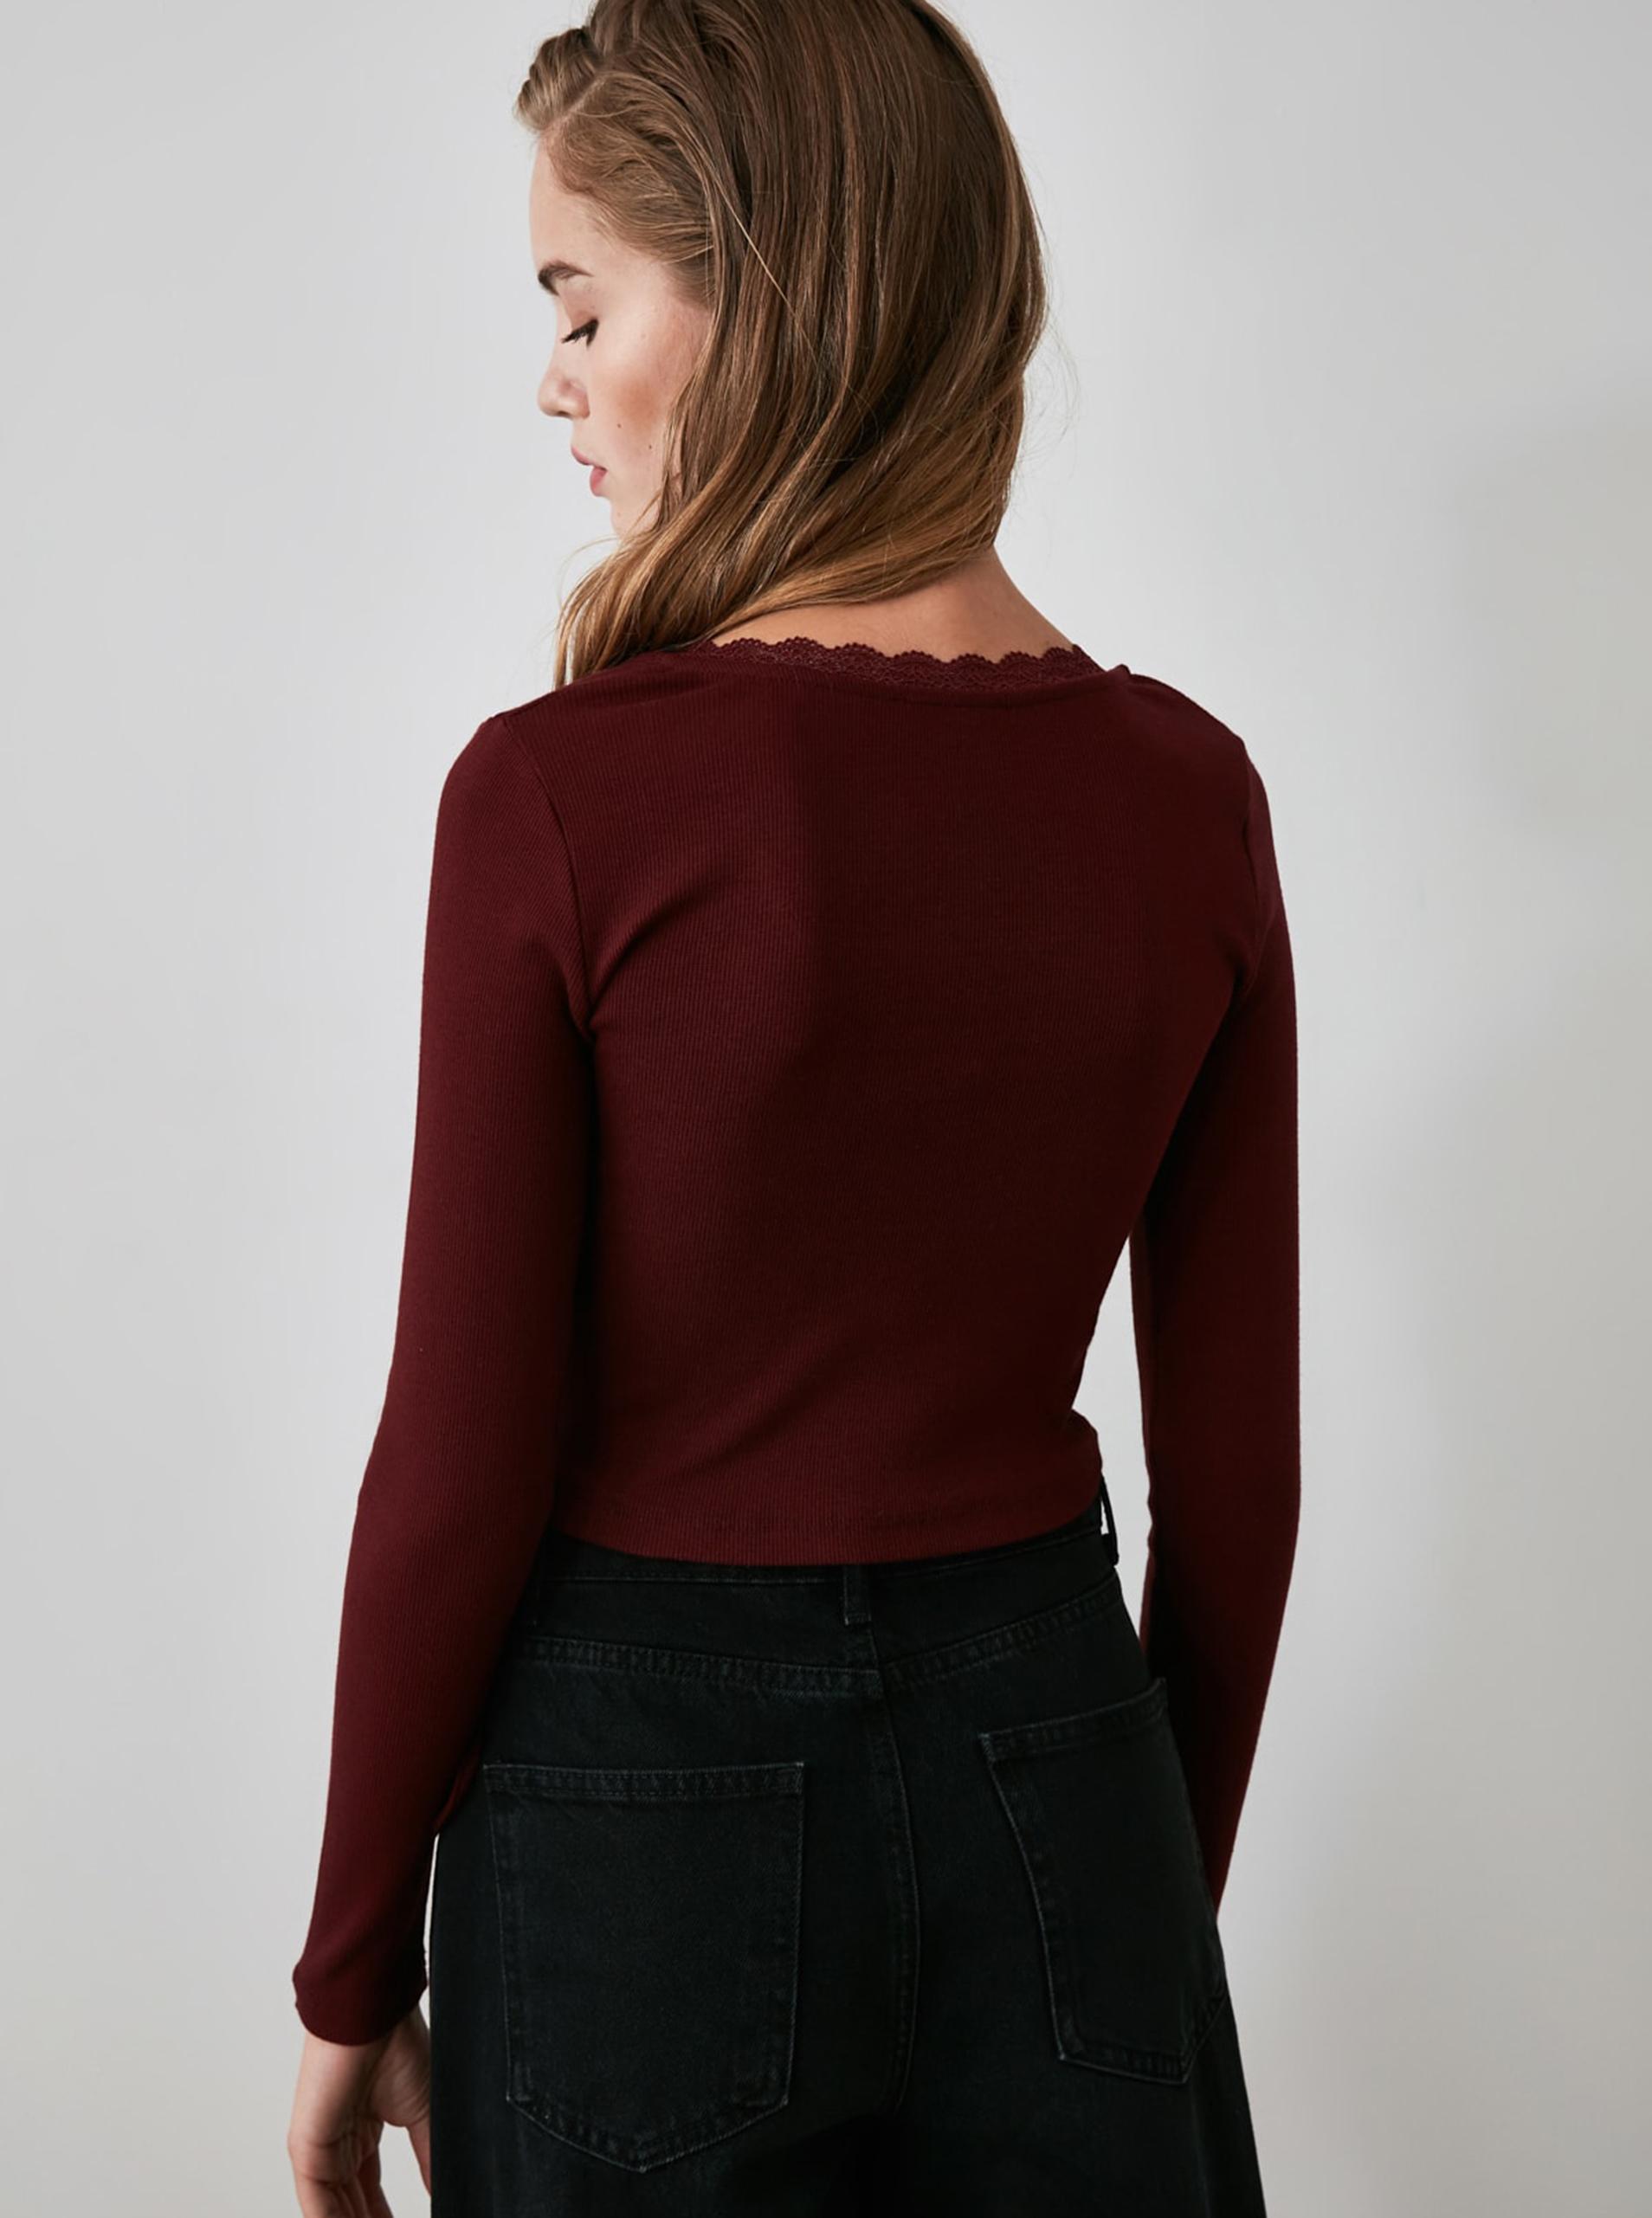 Bordowa, krótka koszulka z wiązaniem Trendyol